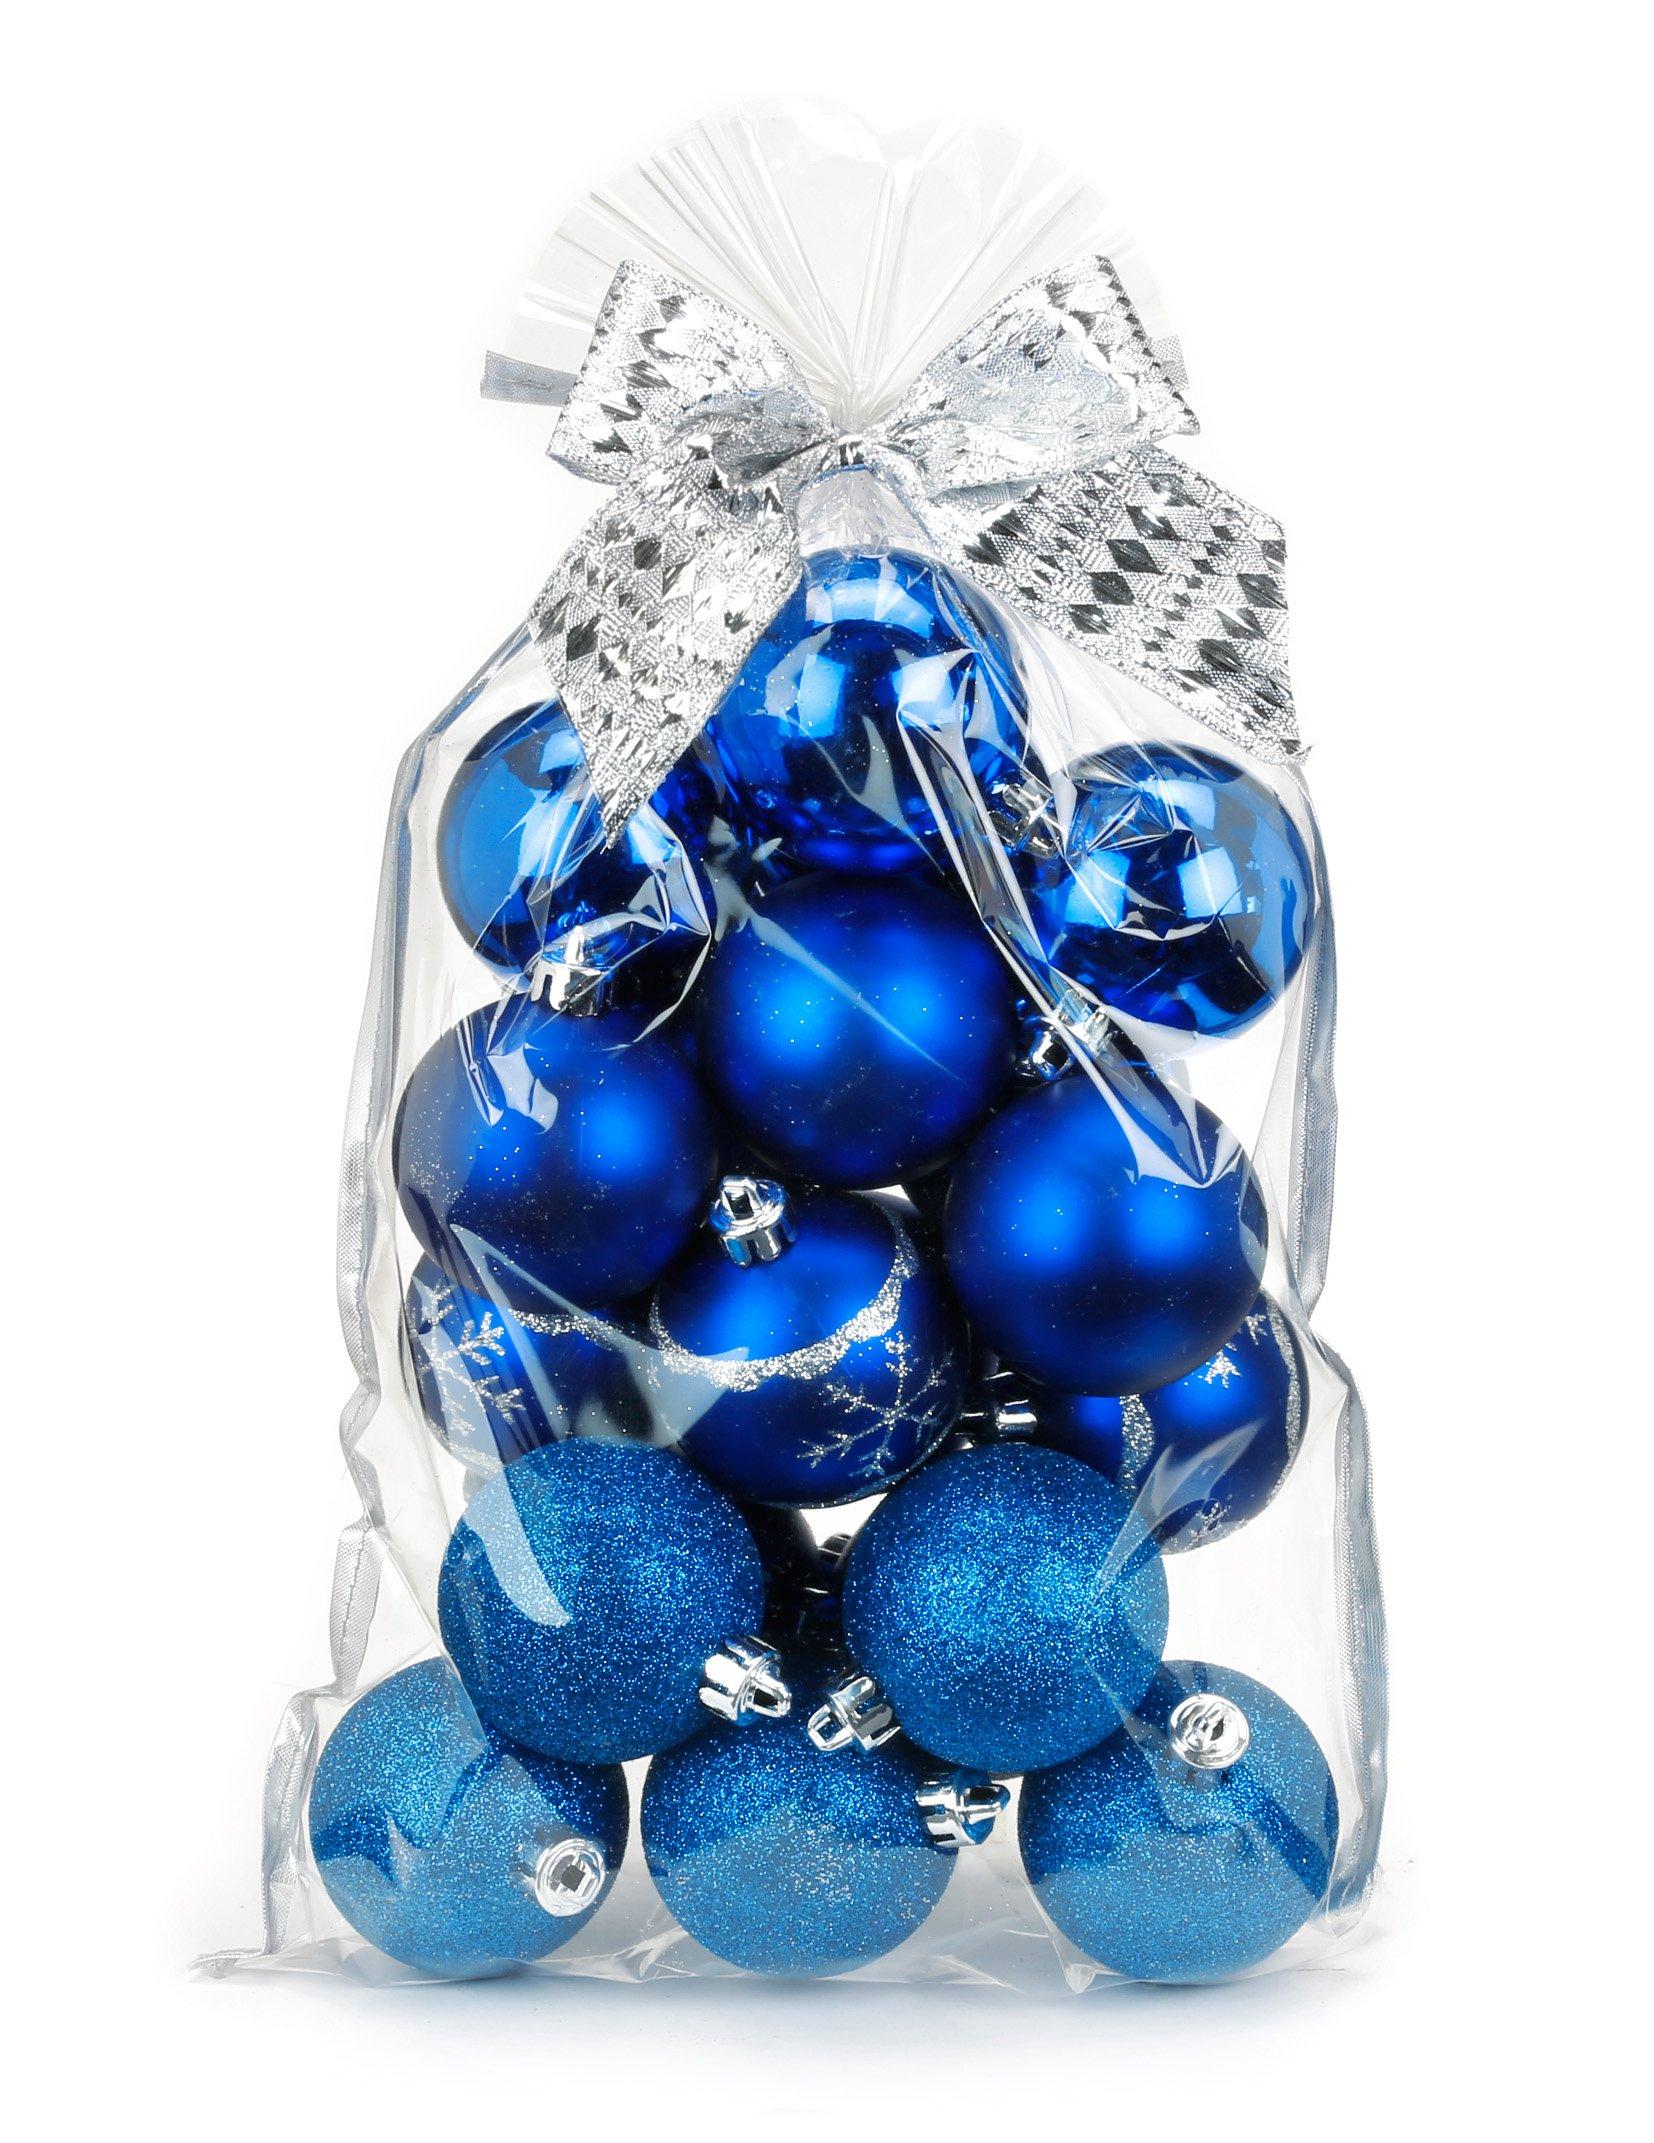 20-Stk-Christbaumkugeln-6cm-Kuststoff-PVC-Weihnachtskugeln-Baumschmuck-Dekor-Motive-Plastik-Christbaumschmuck-Mix-Set-Weihnachten-Geschenk